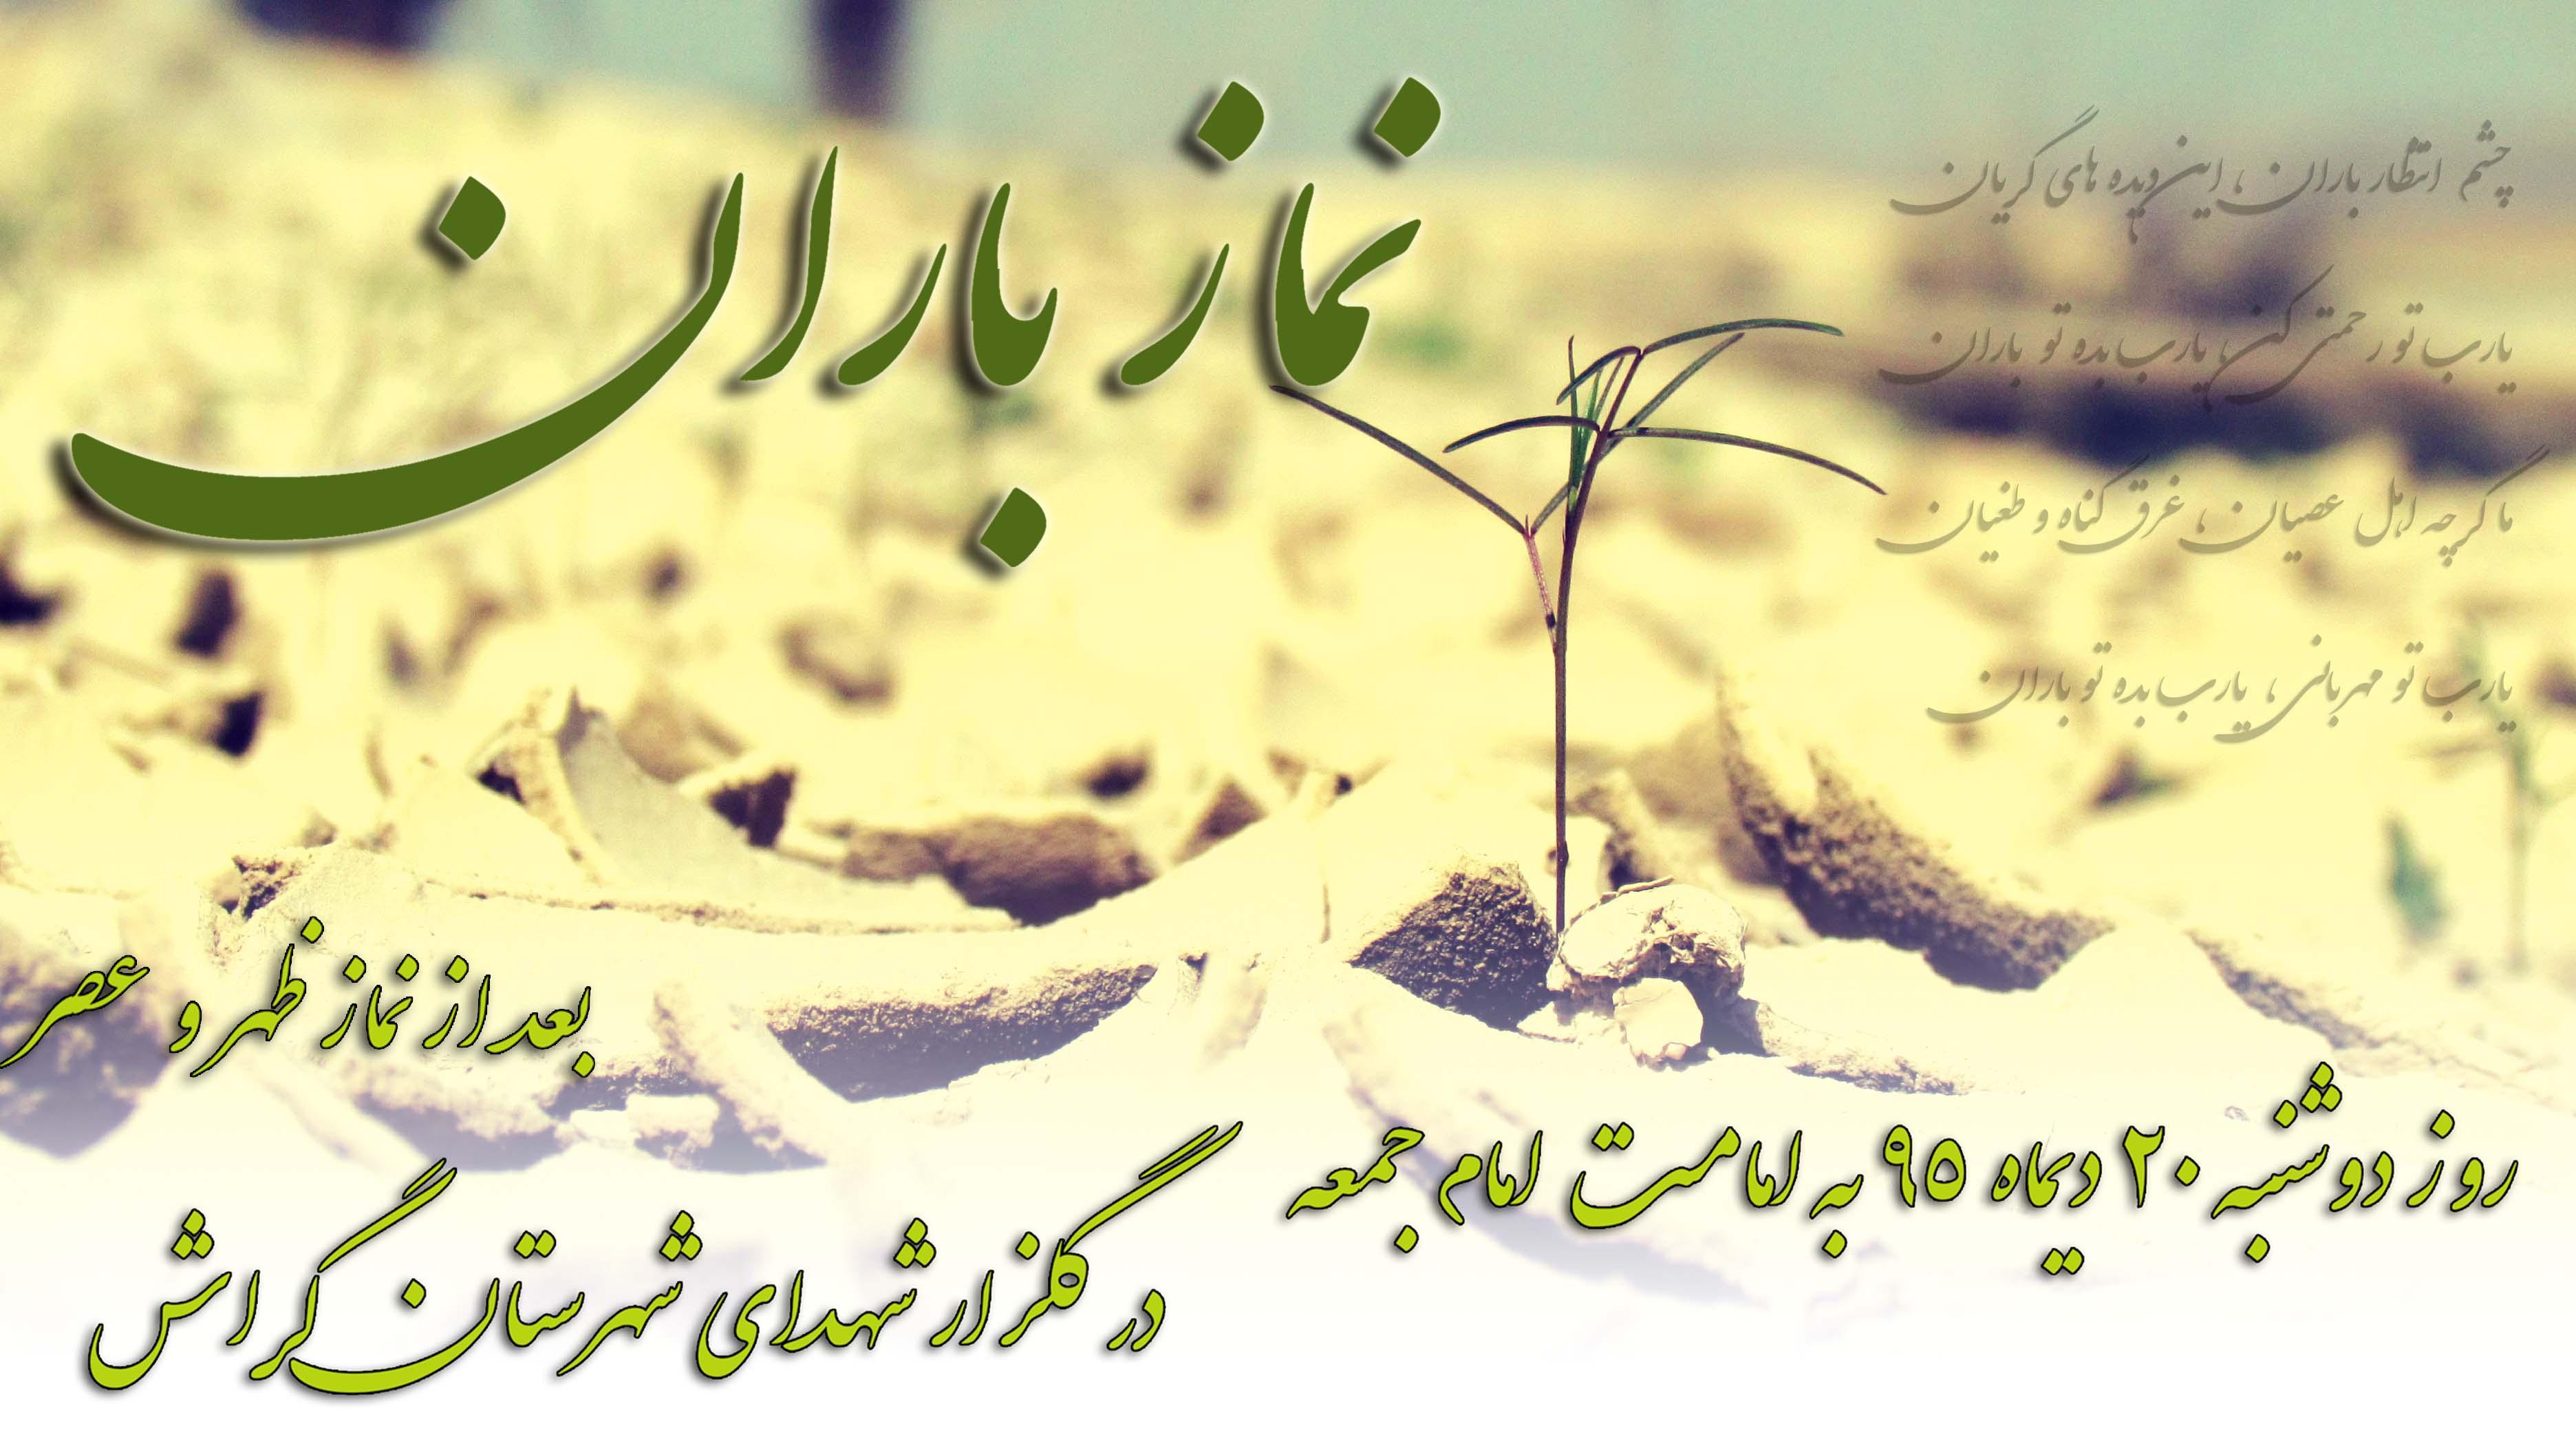 نماز باران در گراش برگزار خواهد شد